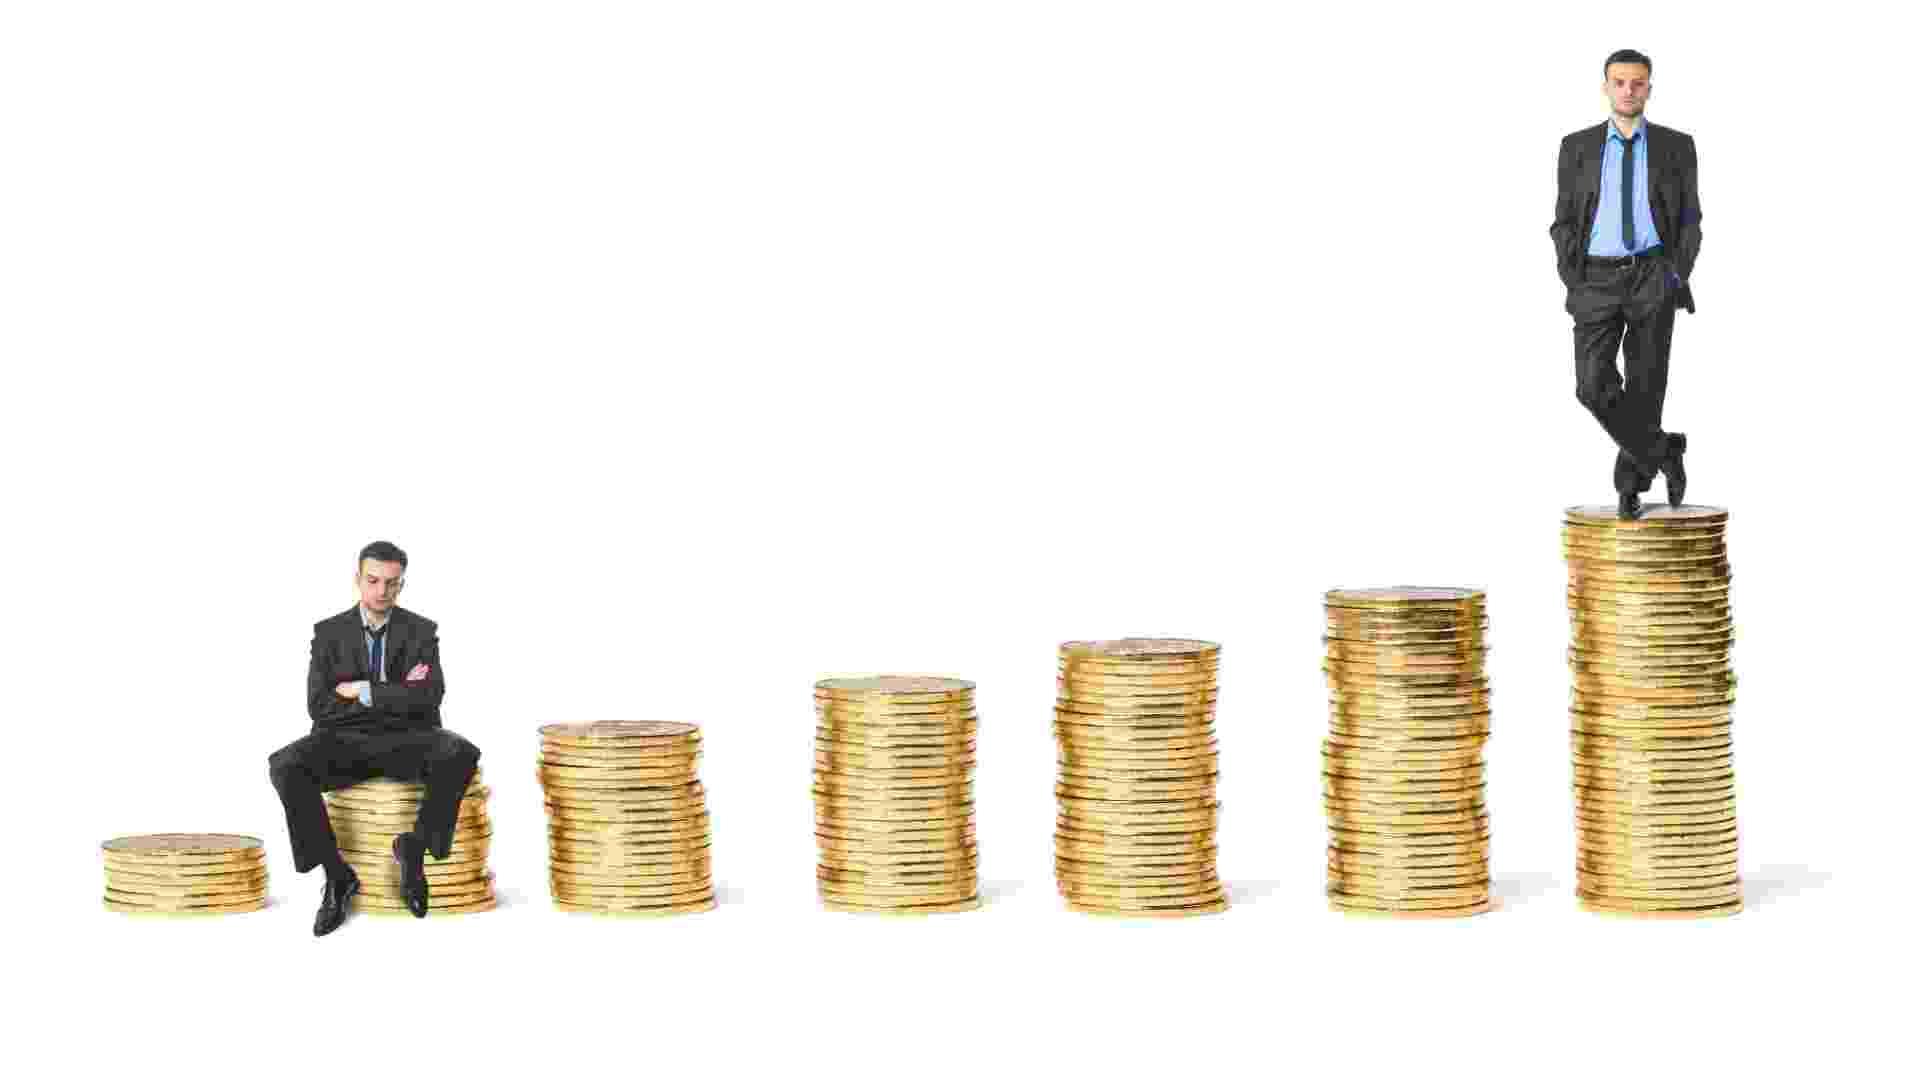 riqueza, homem rico, moeda, poupança, economia, finanças, ícone - Thinkstock